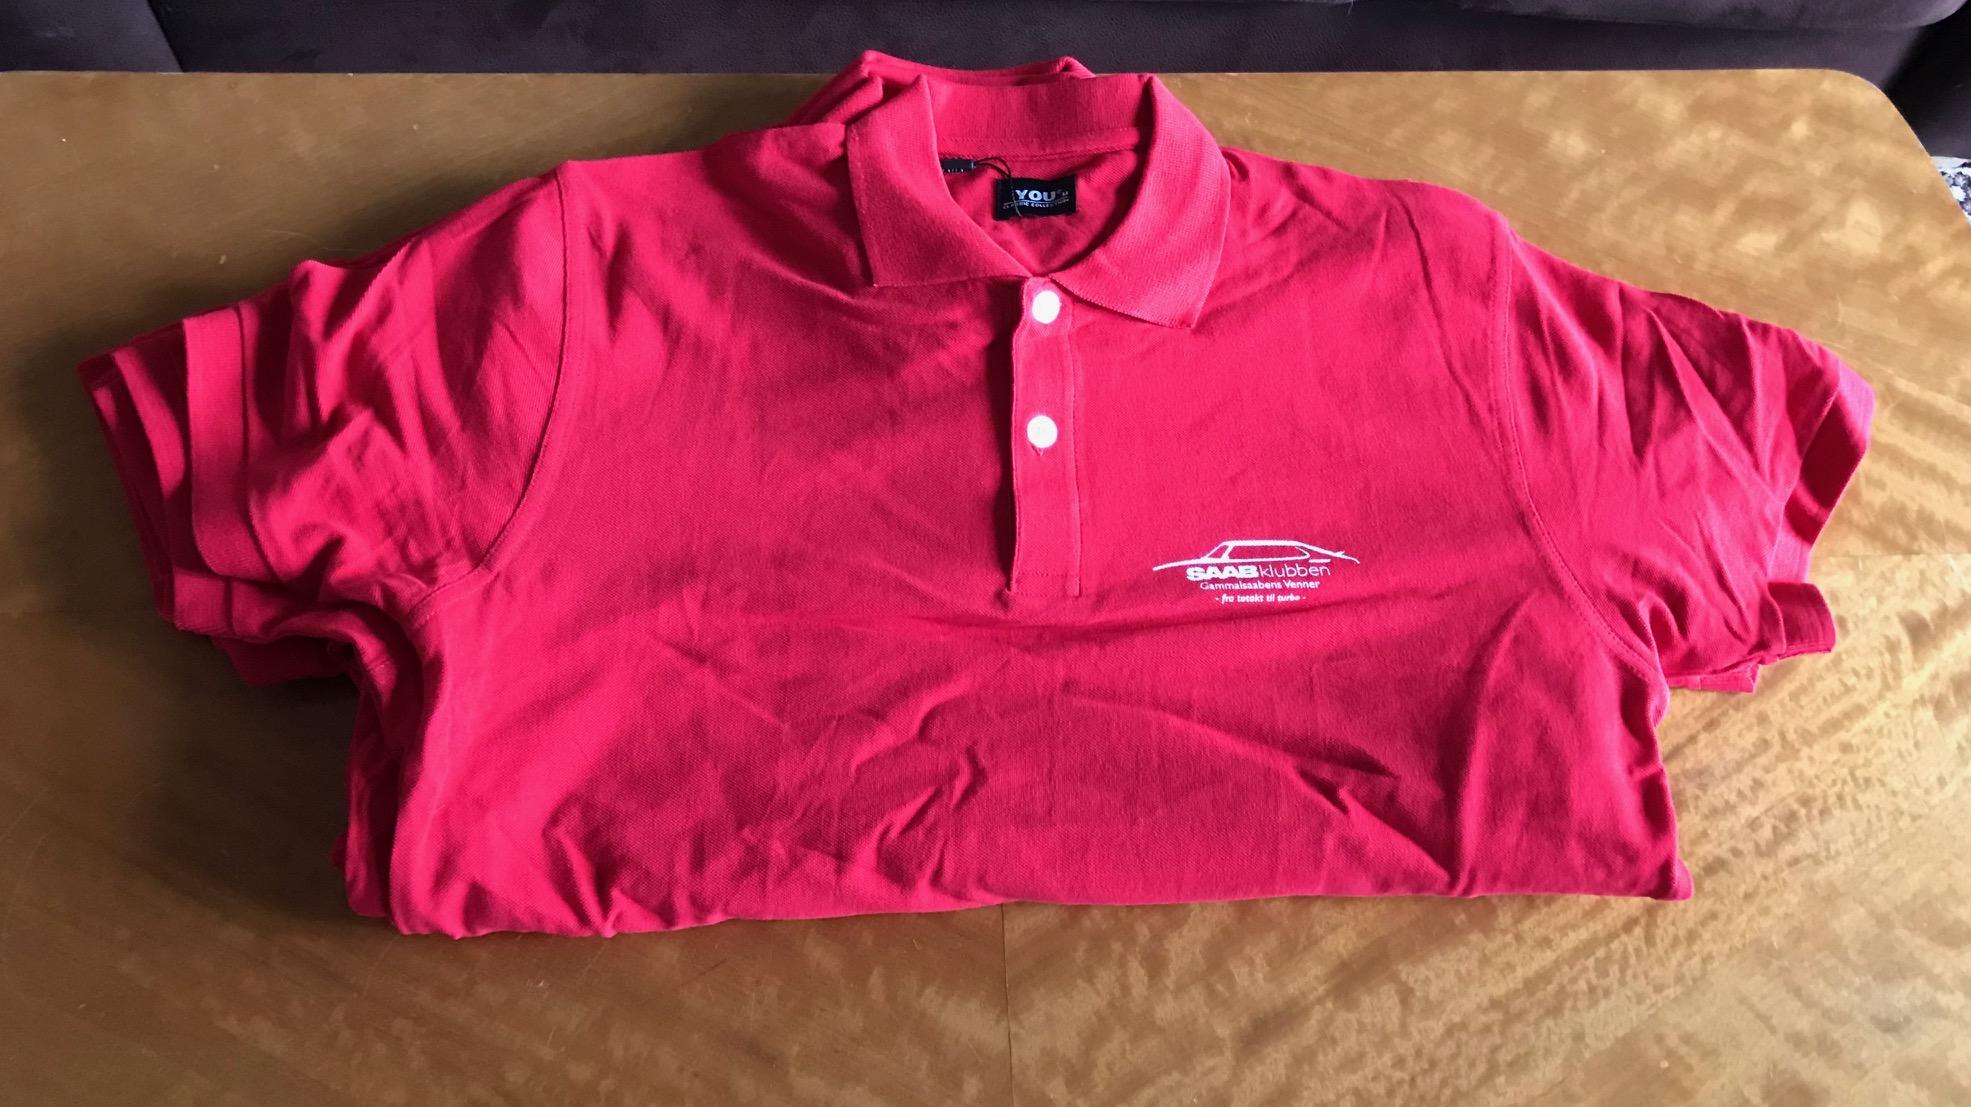 0c22ce9b GSV piquet-skjorte Rød (ny logo) - Gammalsaabens Venner